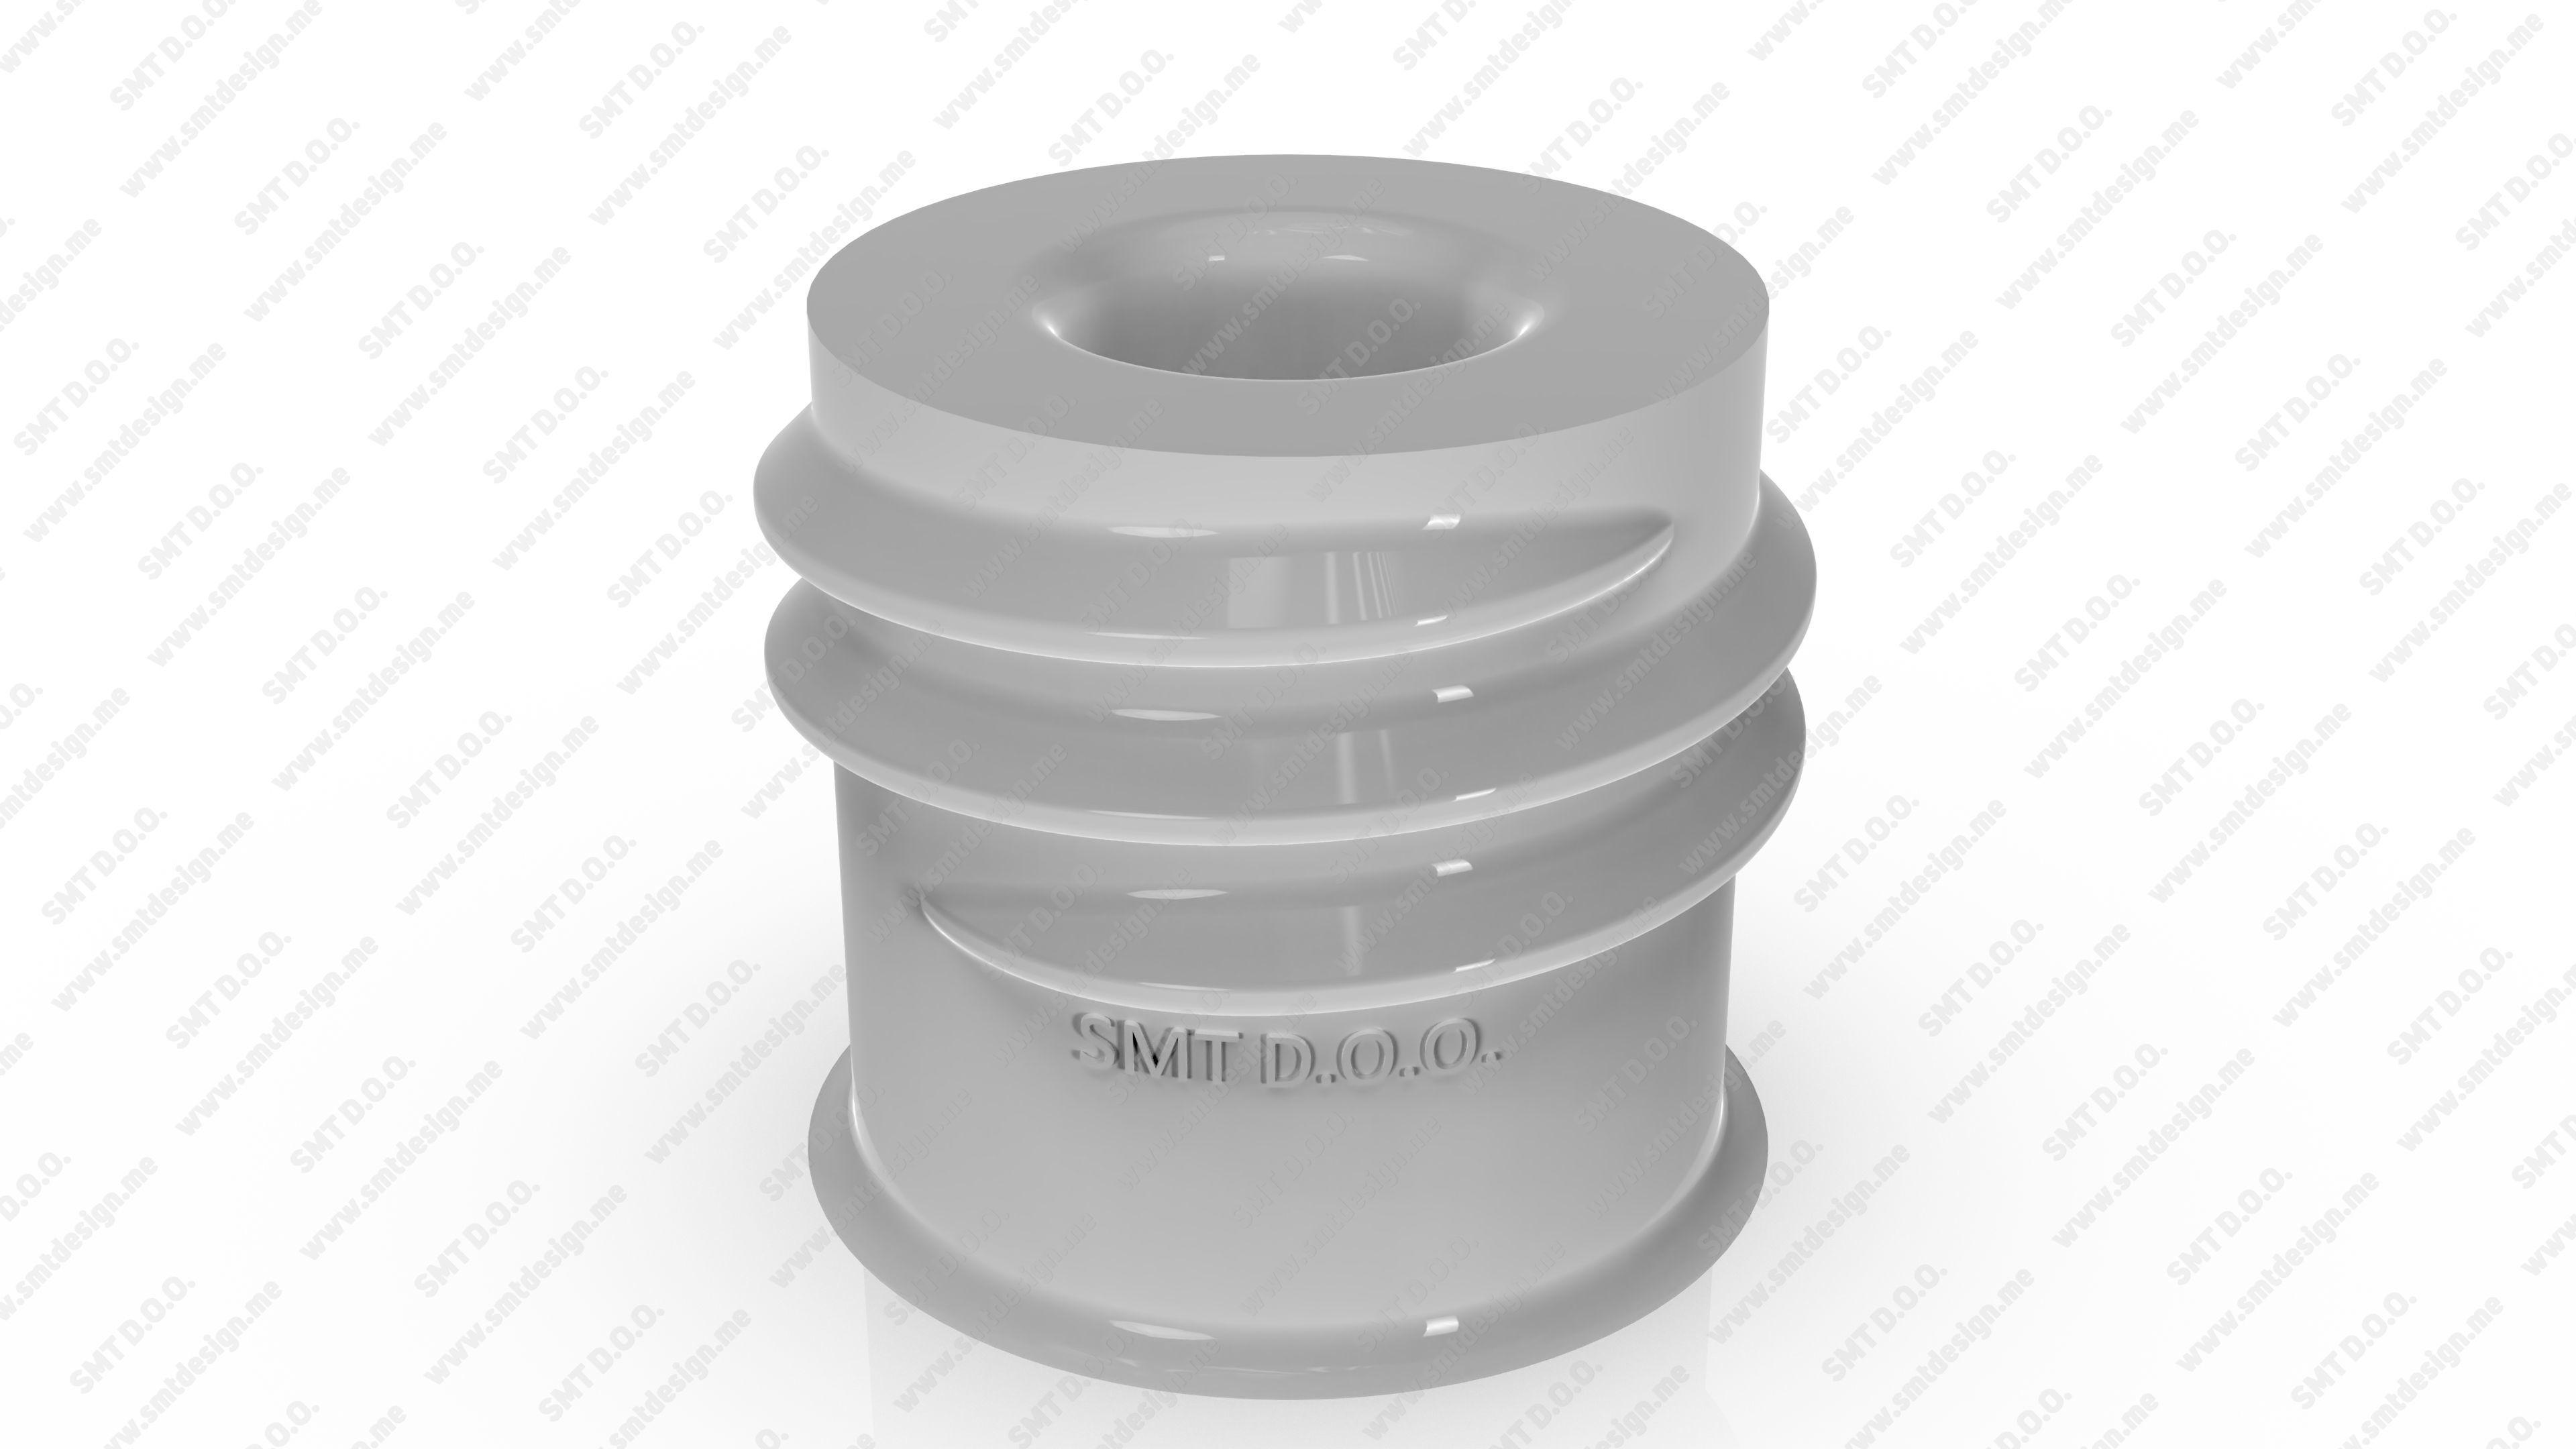 Neck of PET Preform - SP - 415 - 13 - M